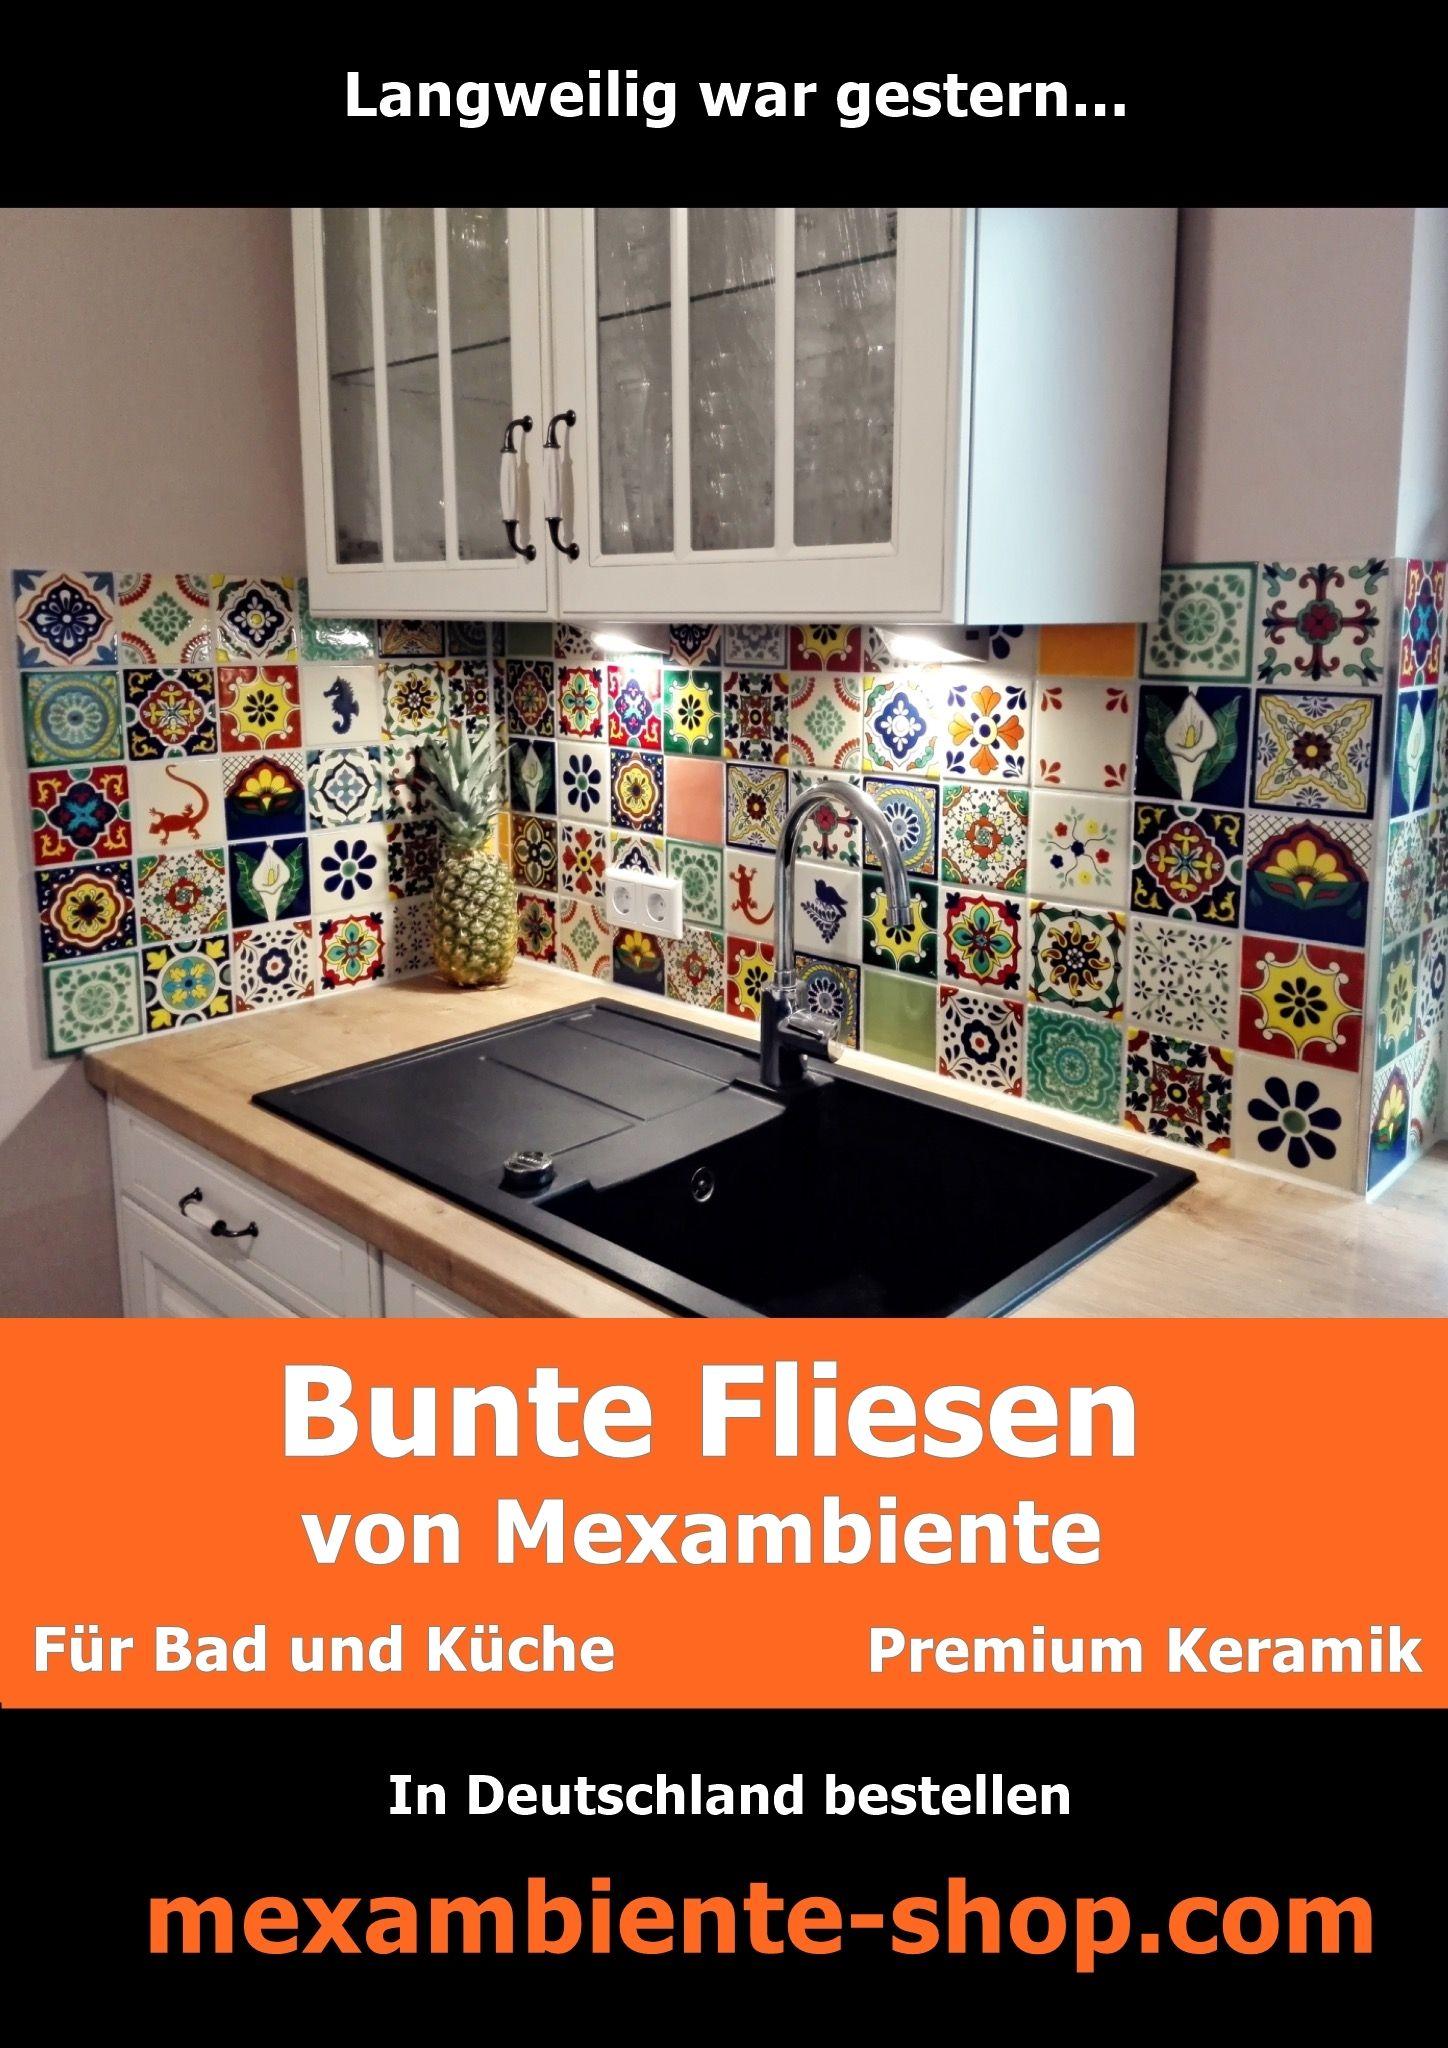 Küchenplan grundriss bunte fliesen für die küche warme farben und motive aus der natur